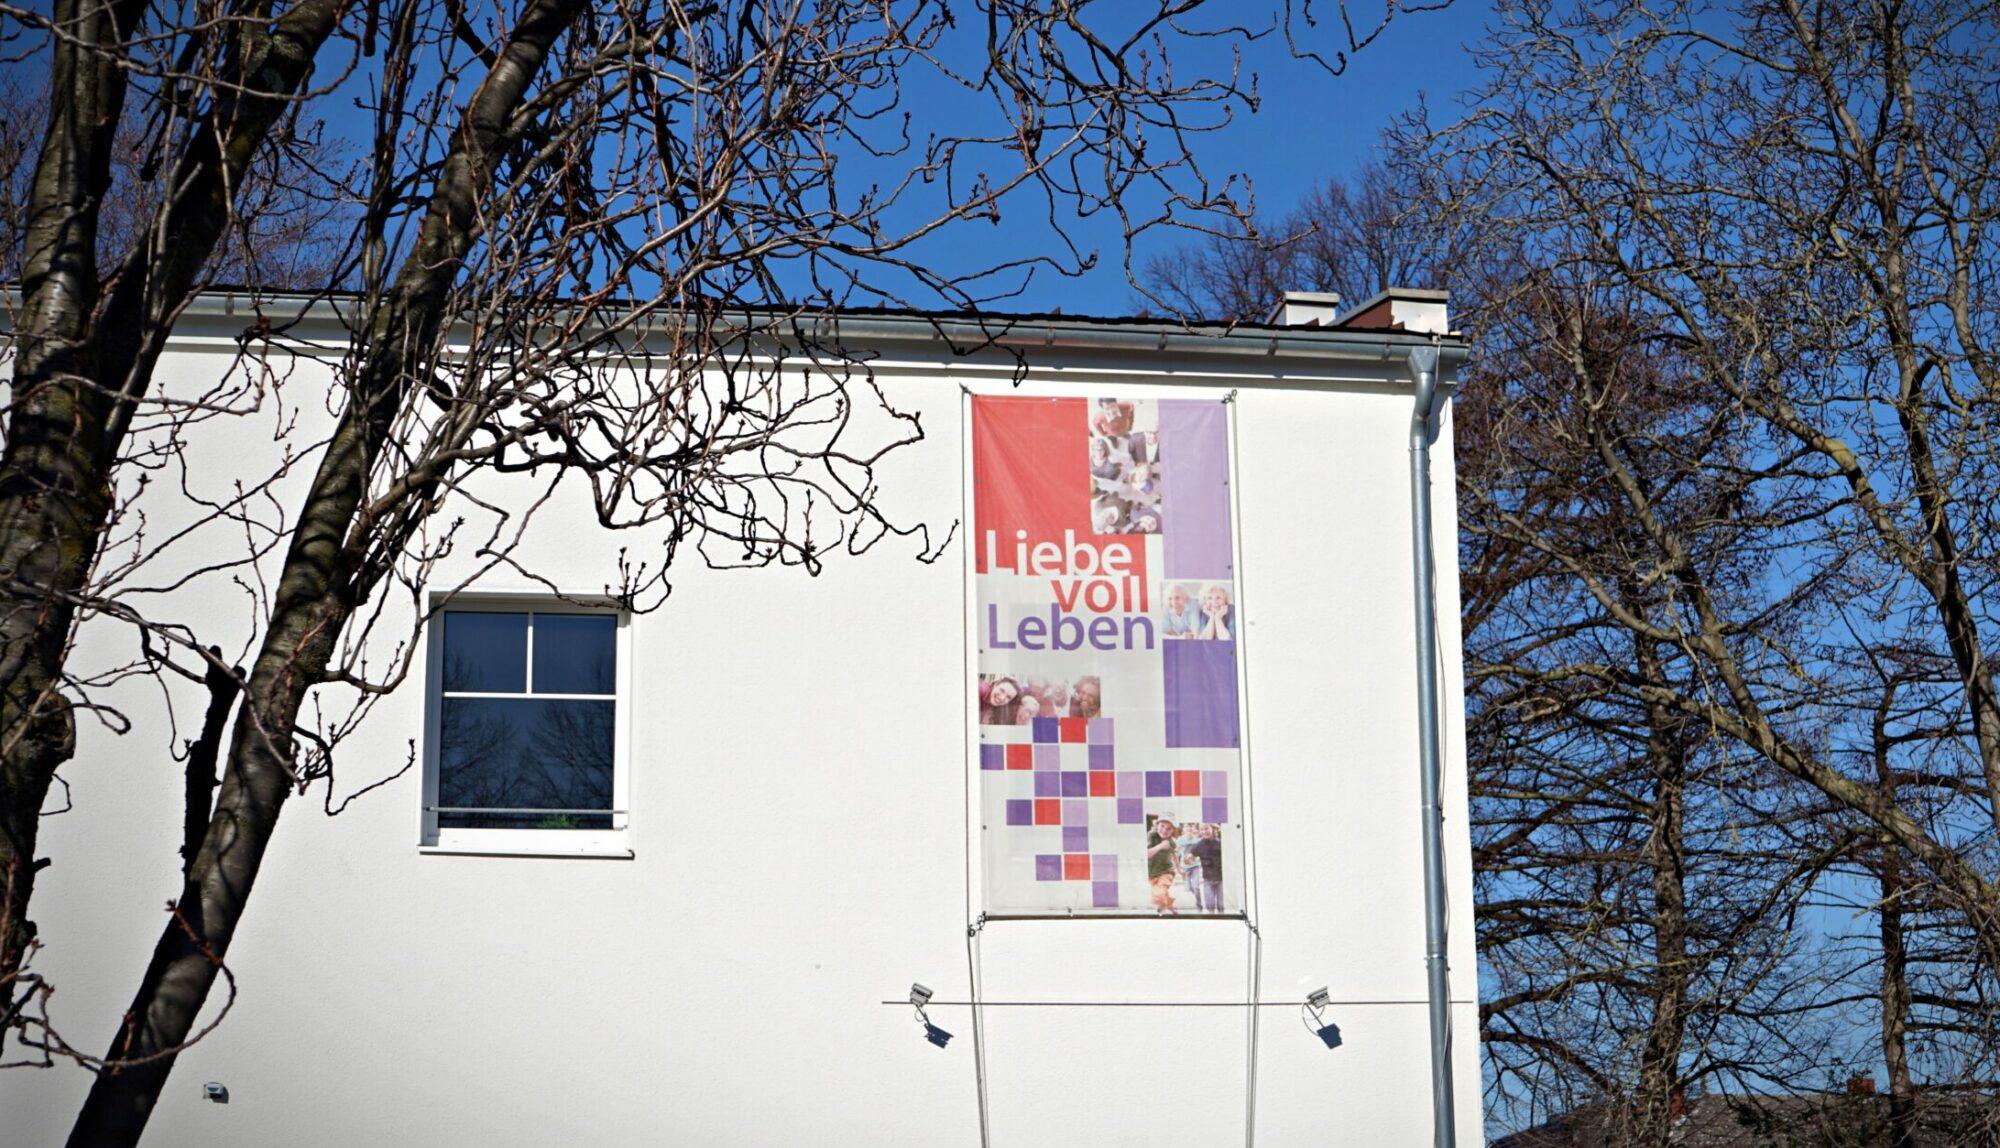 Freie evangelische Gemeinde Dortmund